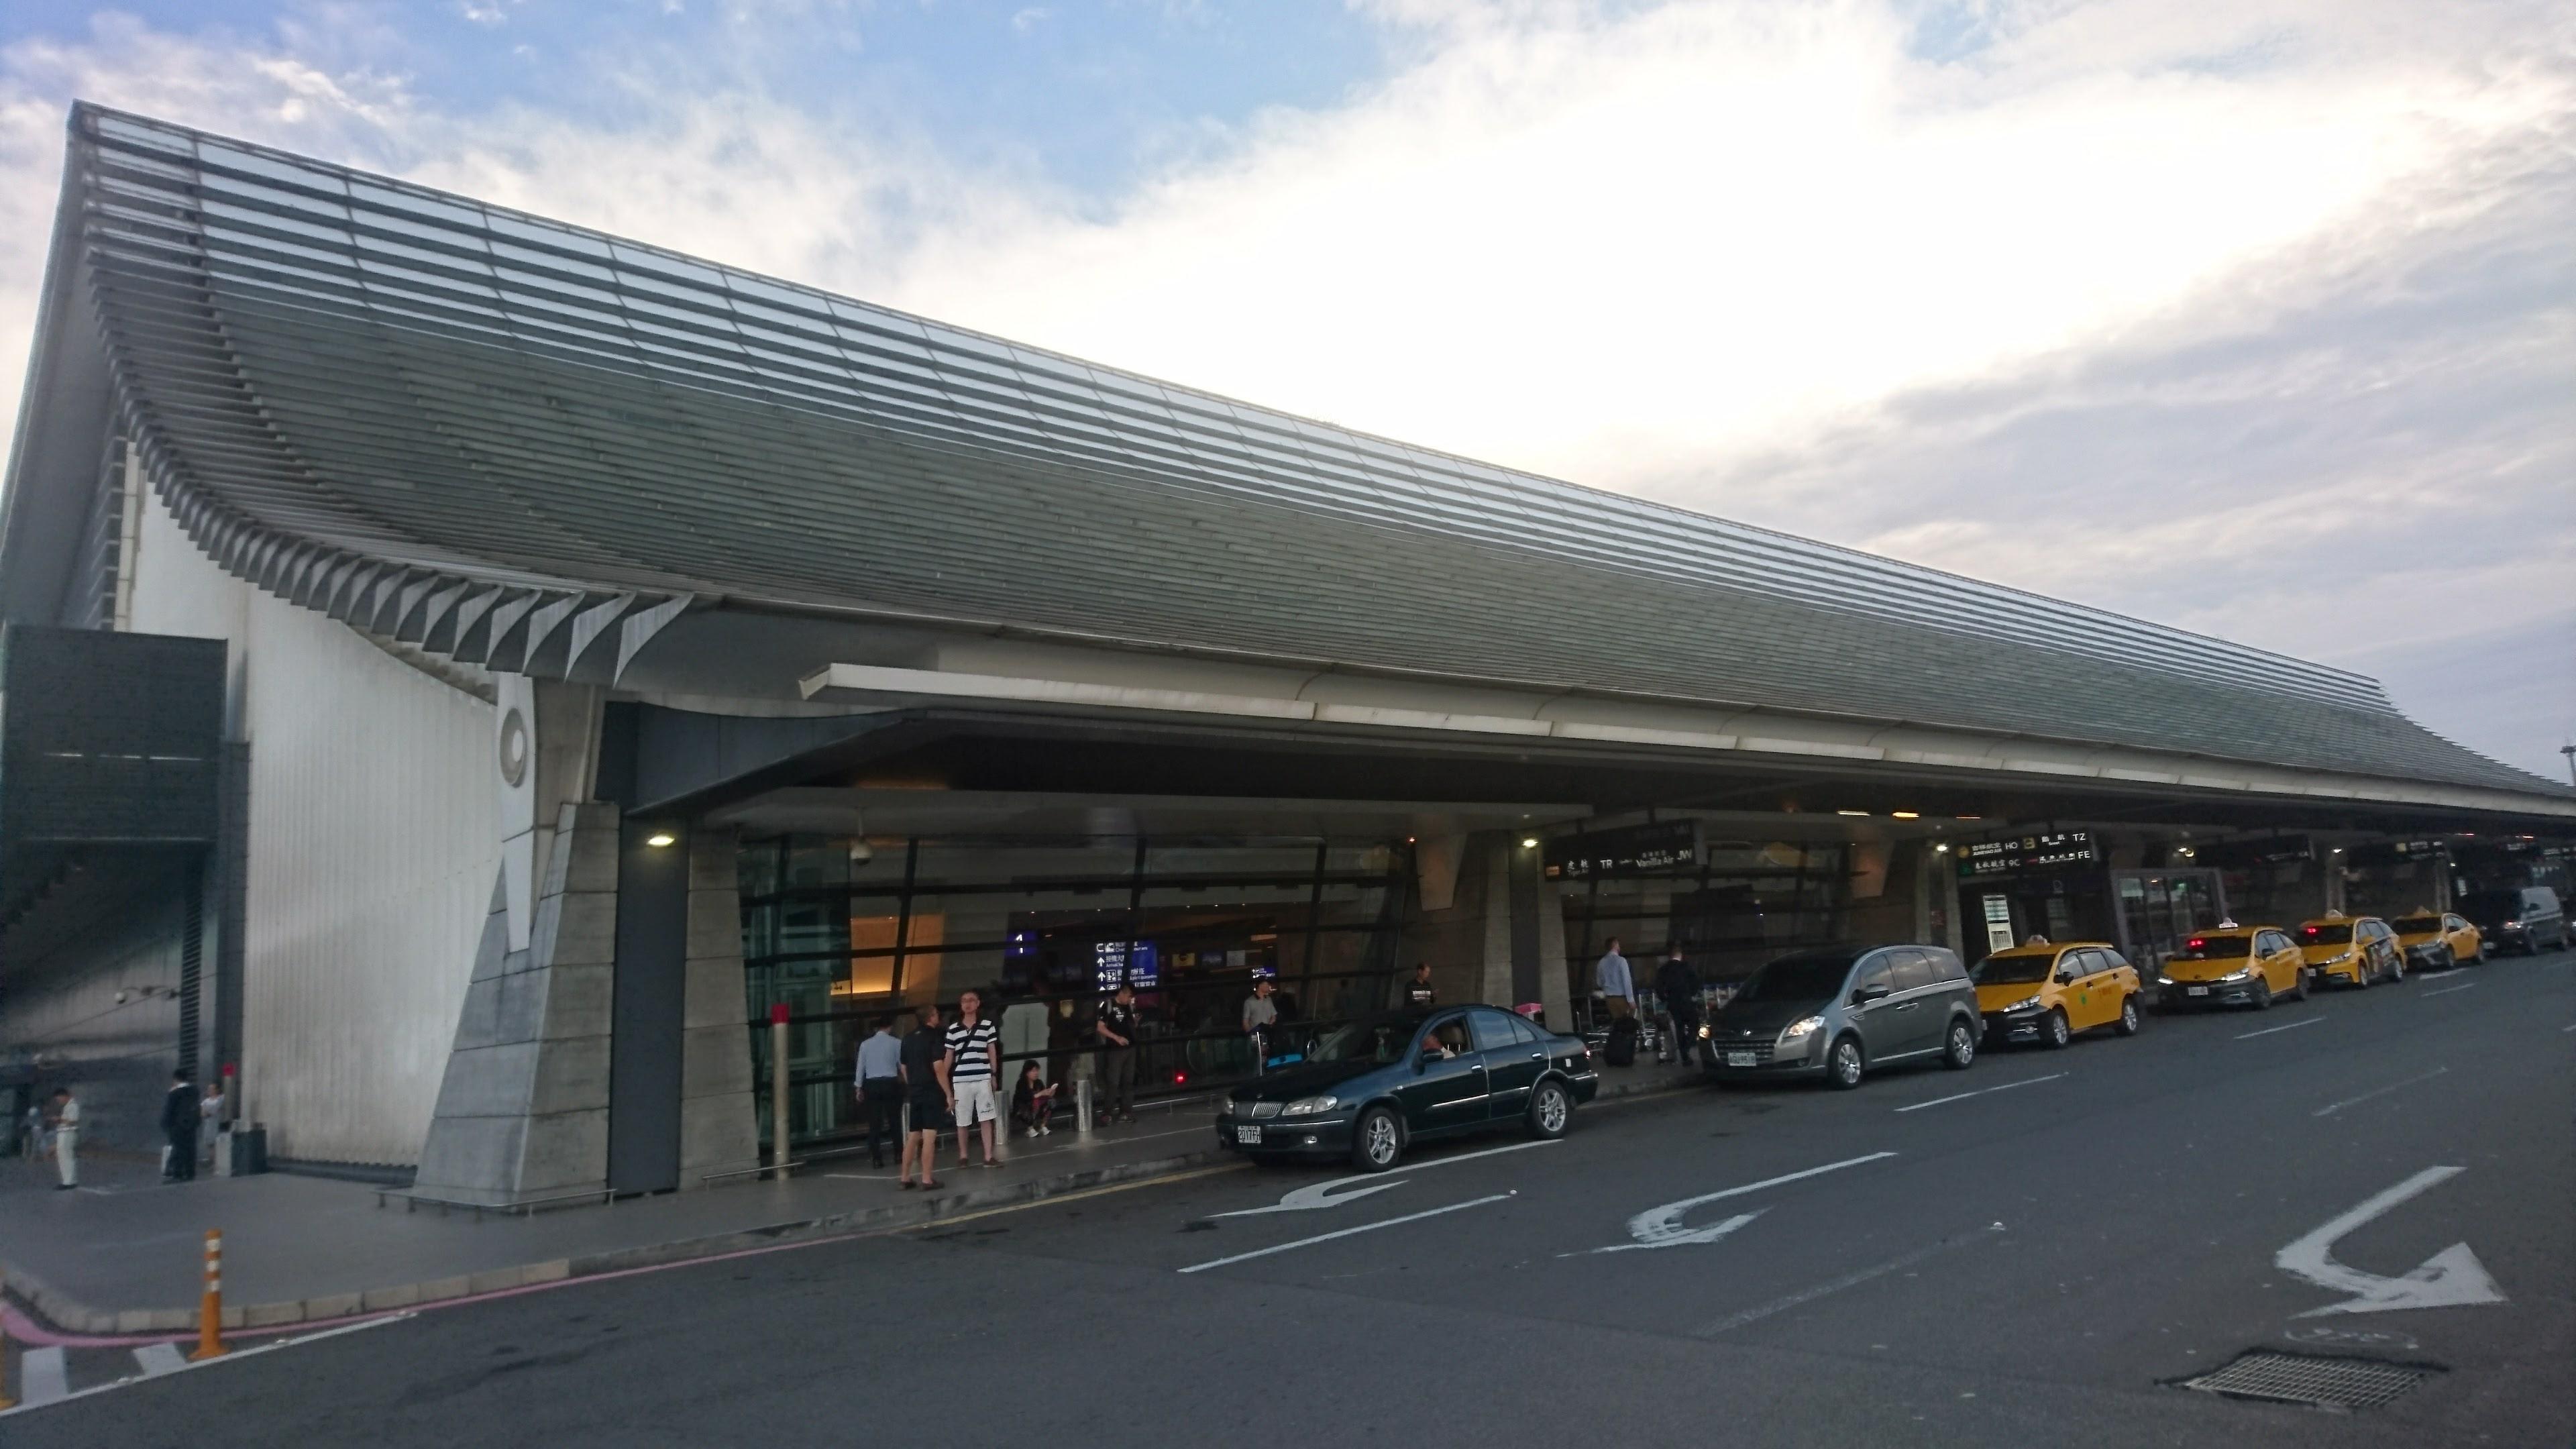 臺灣 臺灣桃園國際空港(Taiwan Taoyuan International Airport)Terminal1 ...